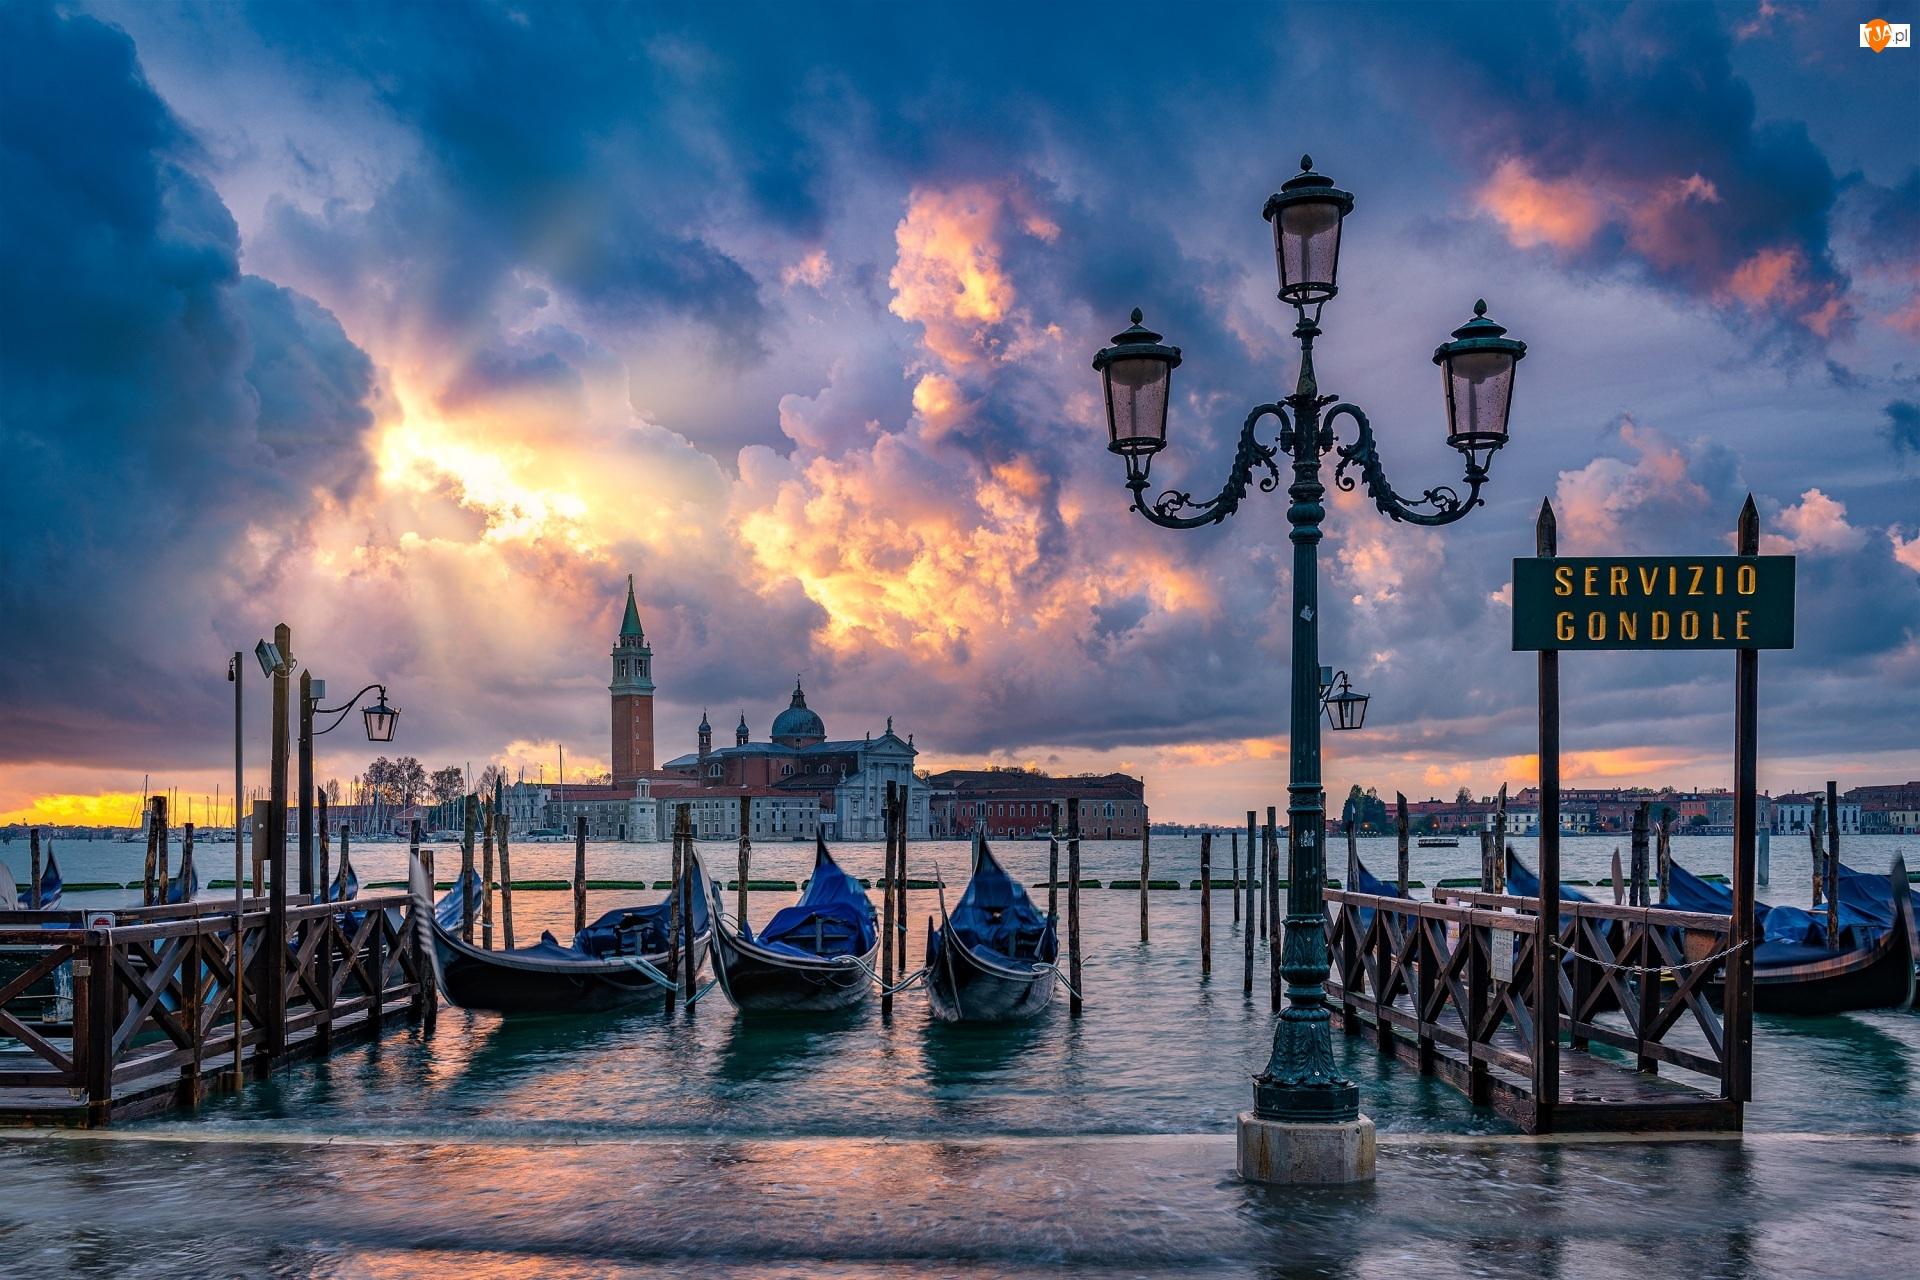 Włochy, Latarnia, Wenecja, Bazylika San Giorgio Maggiore, Chmury, Przystań, Gondole, Cieśnina Canal Grande, Łodzie